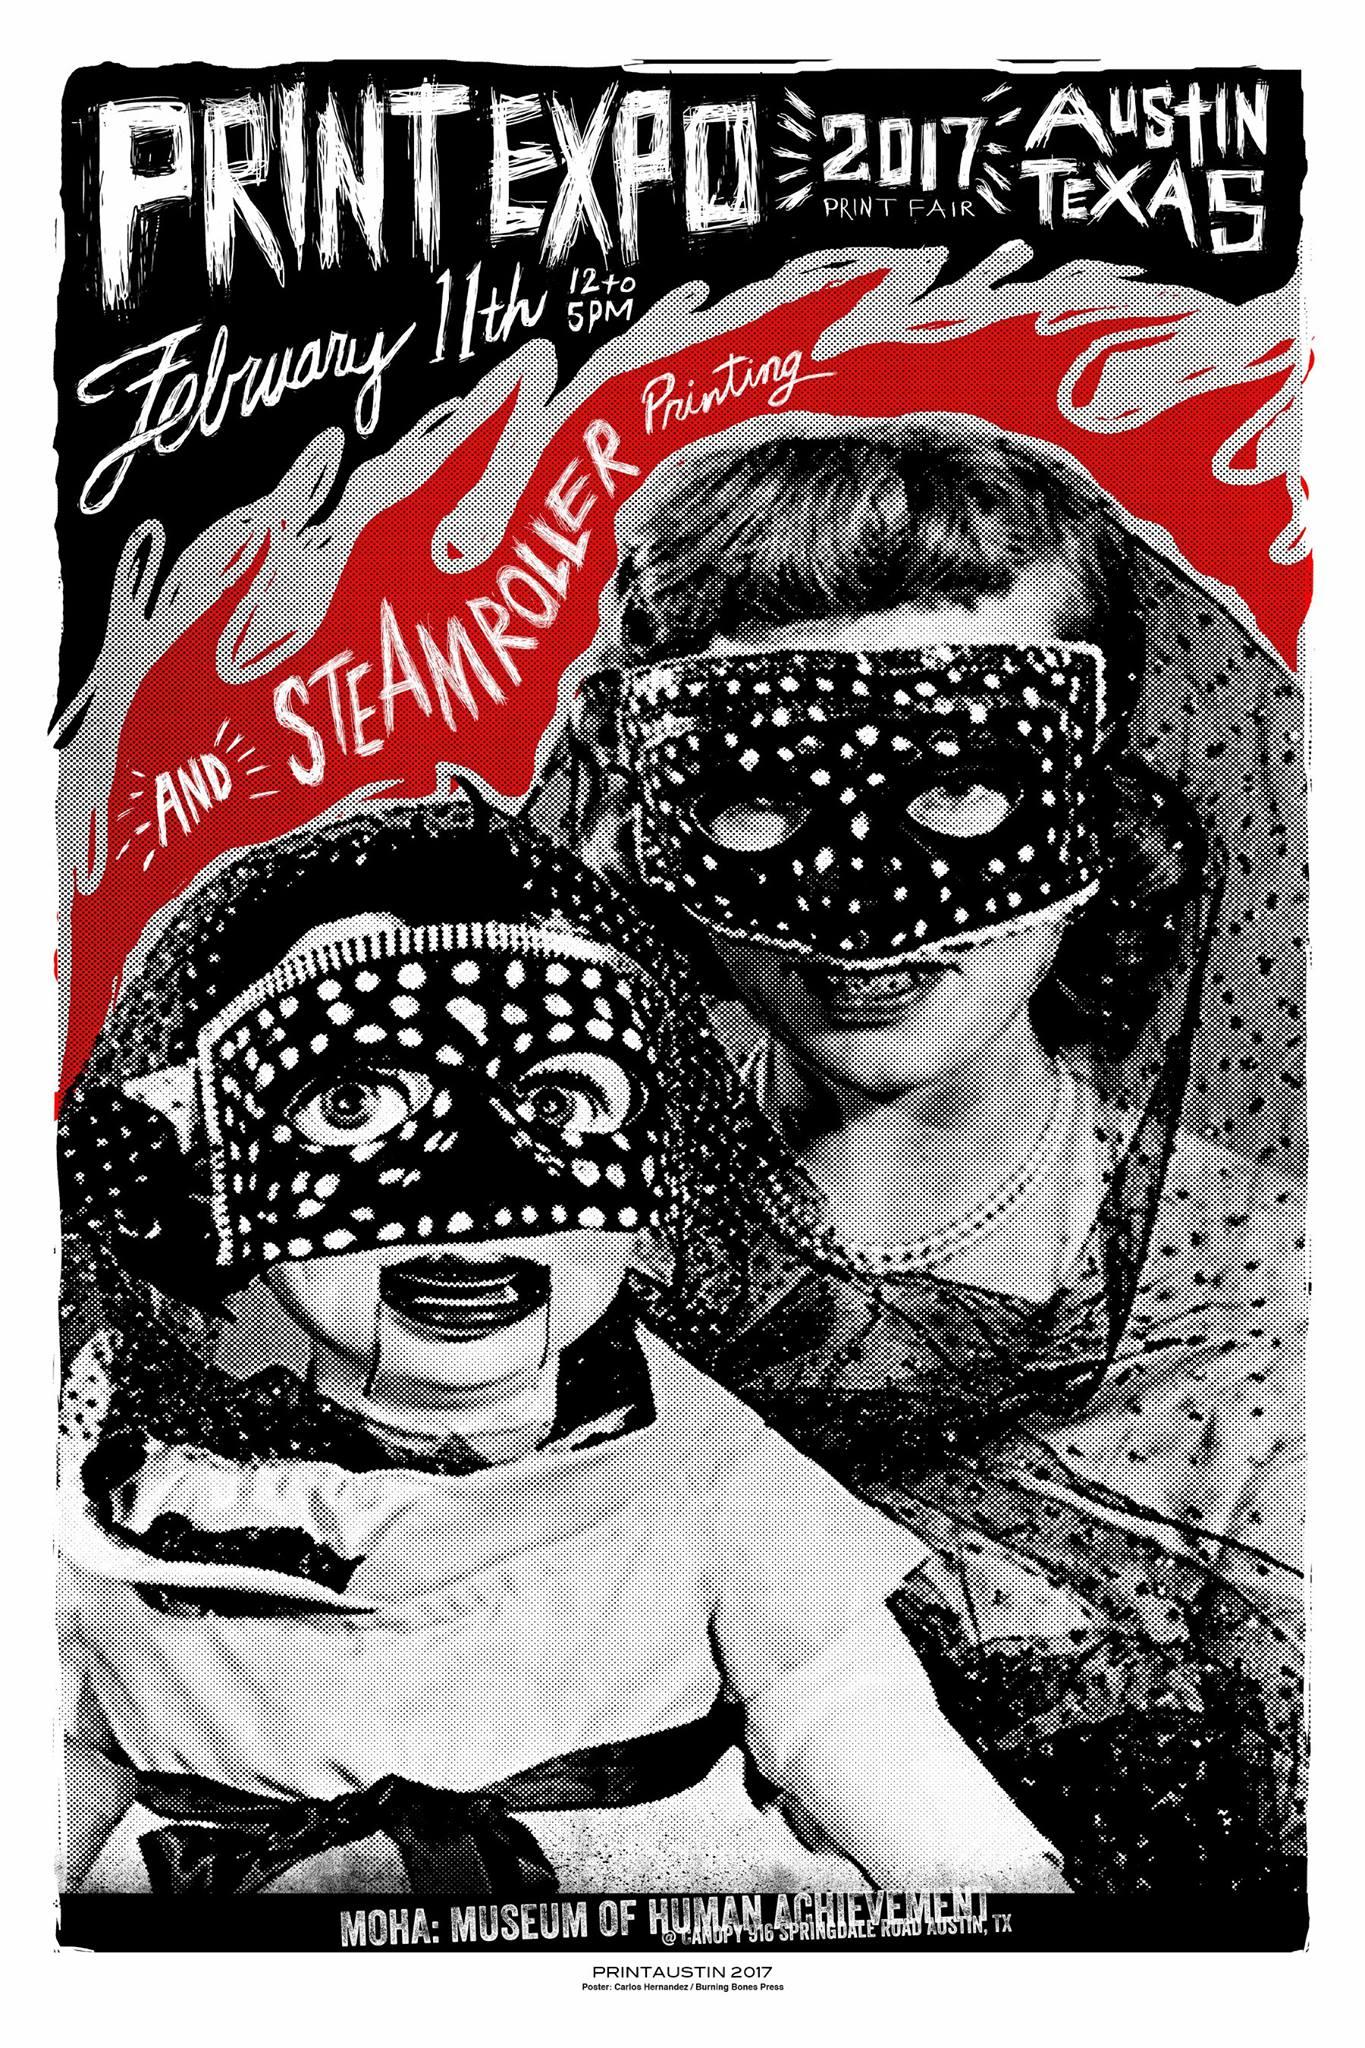 Poster by Carlos Hernandez